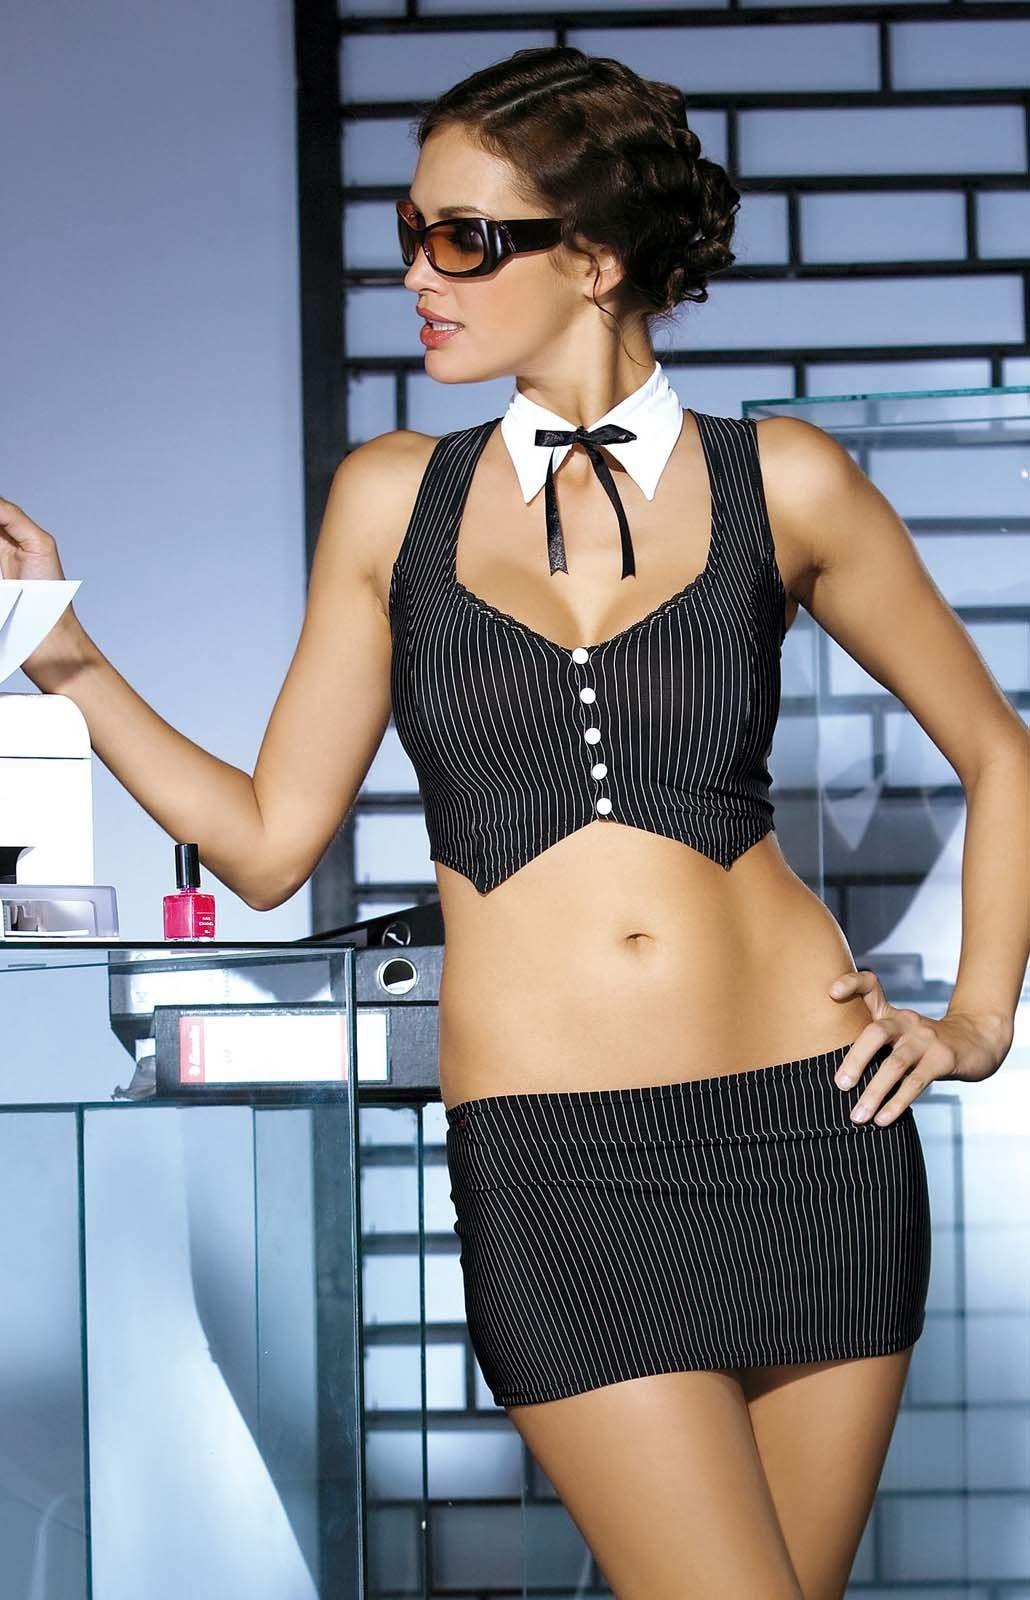 девушка в строгом стильном костюме и возбужденной пилоткой смотреть онлайн категории мамочек можете